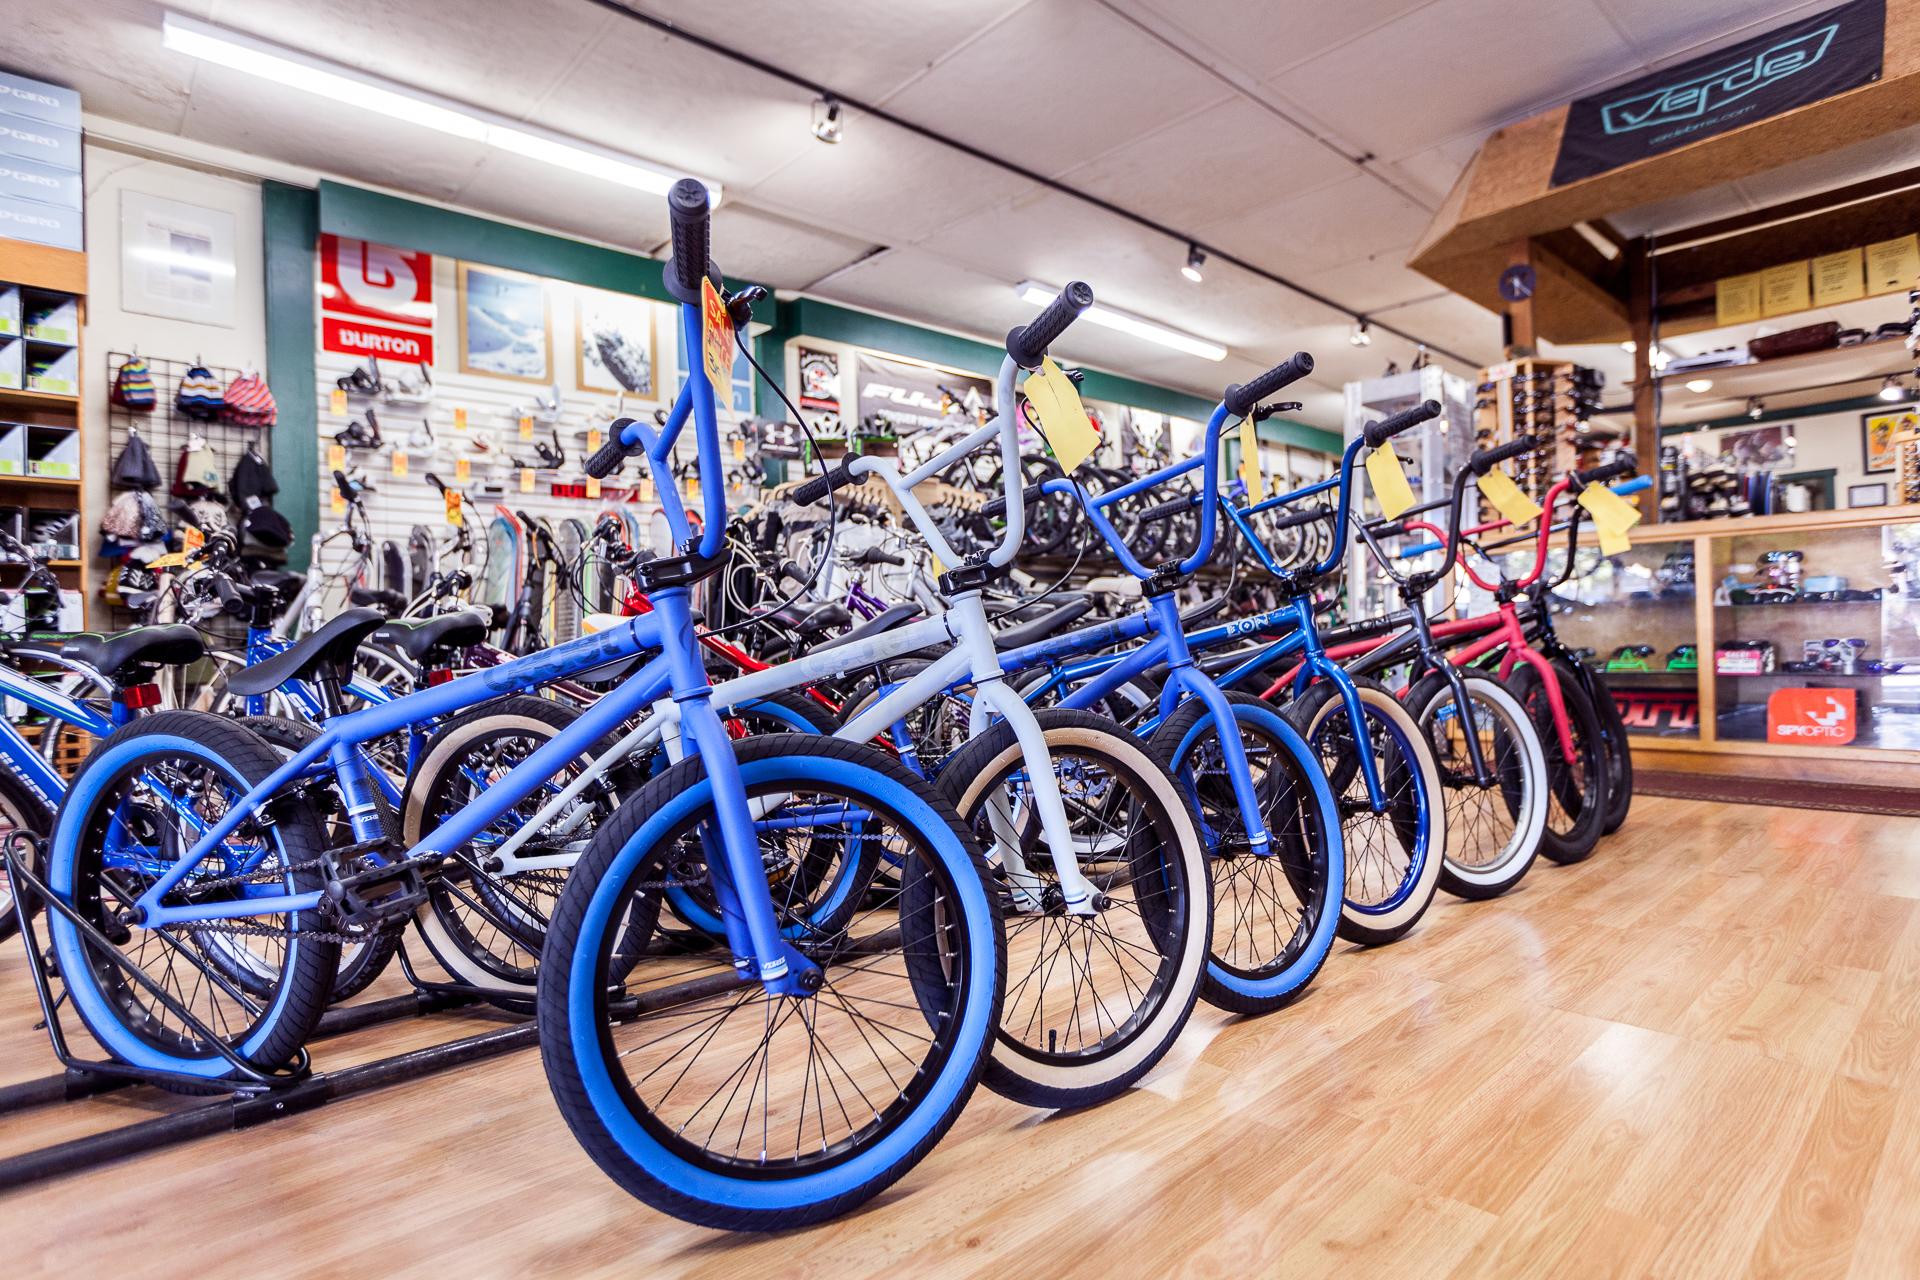 old_town_sports_novato_bike_ski_and_snowboard_shop_verde_bikes